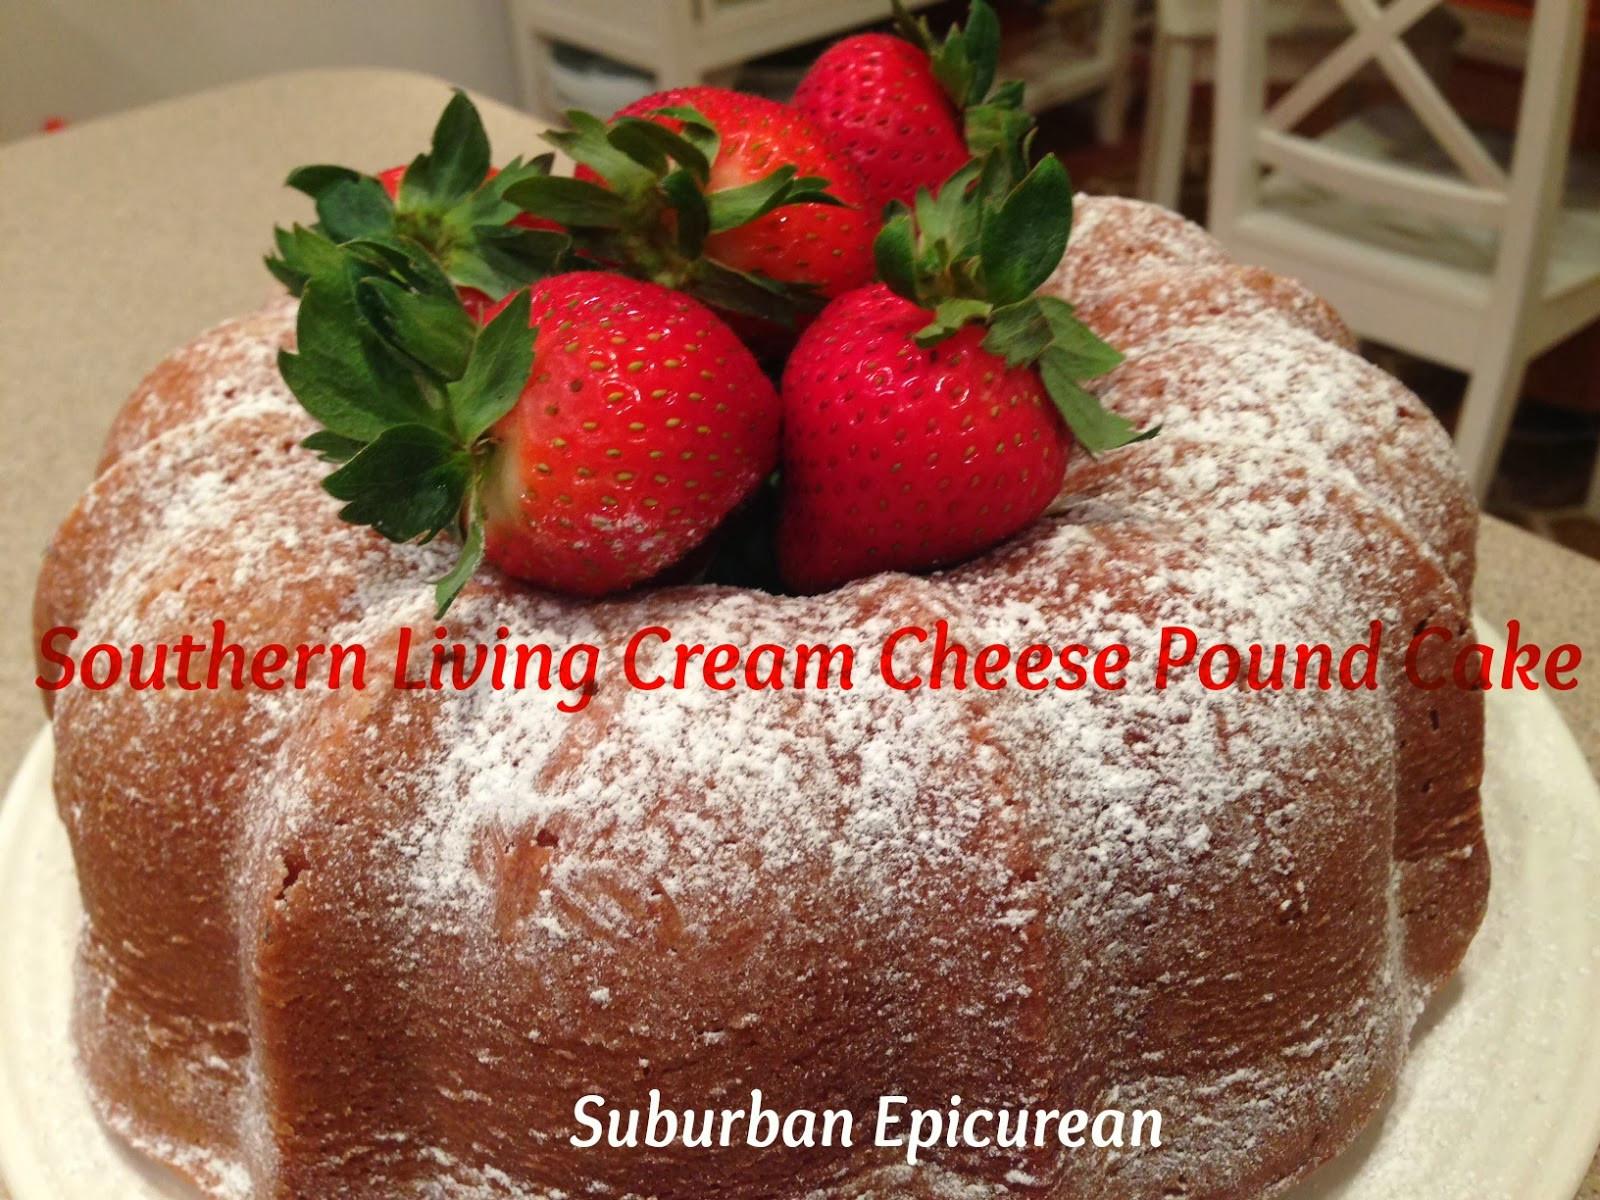 Southern Cream Cheese Pound Cake  Suburban Epicurean Southern Living Cream Cheese Pound Cake